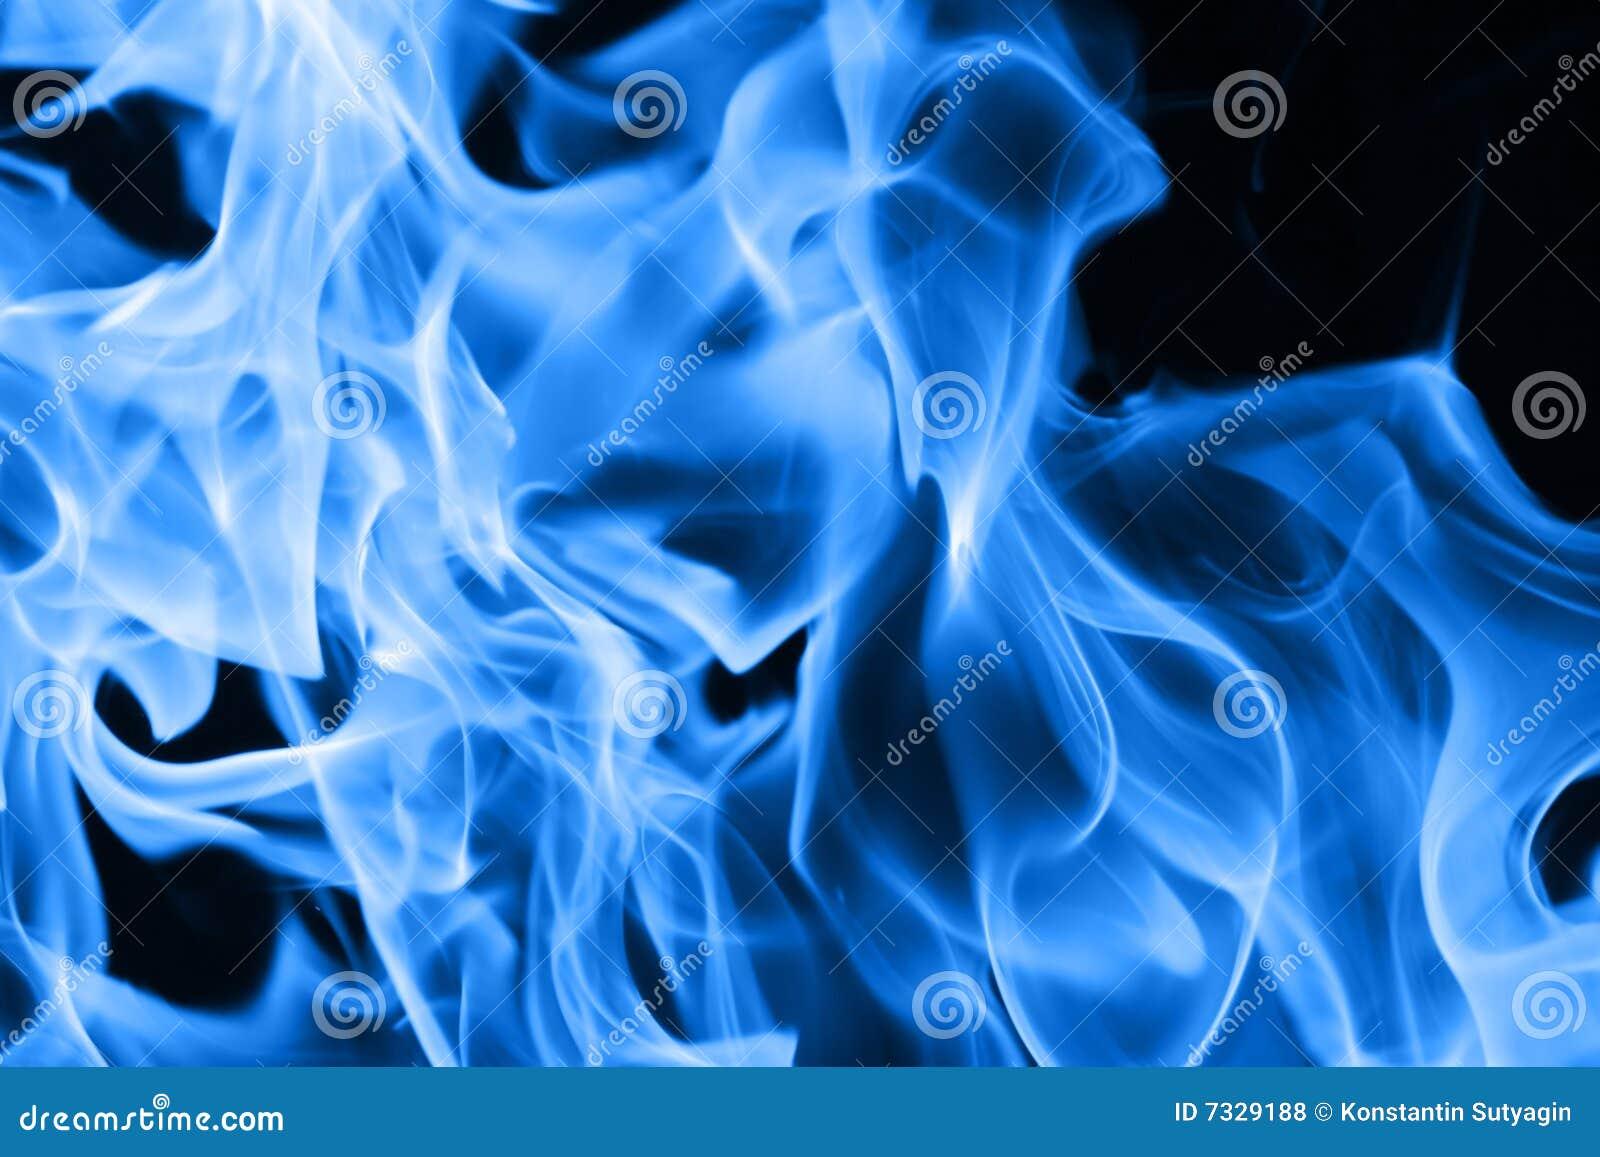 Fiamme Blu Del Fuoco Fotografia Stock Immagine Di Ustione 7329188